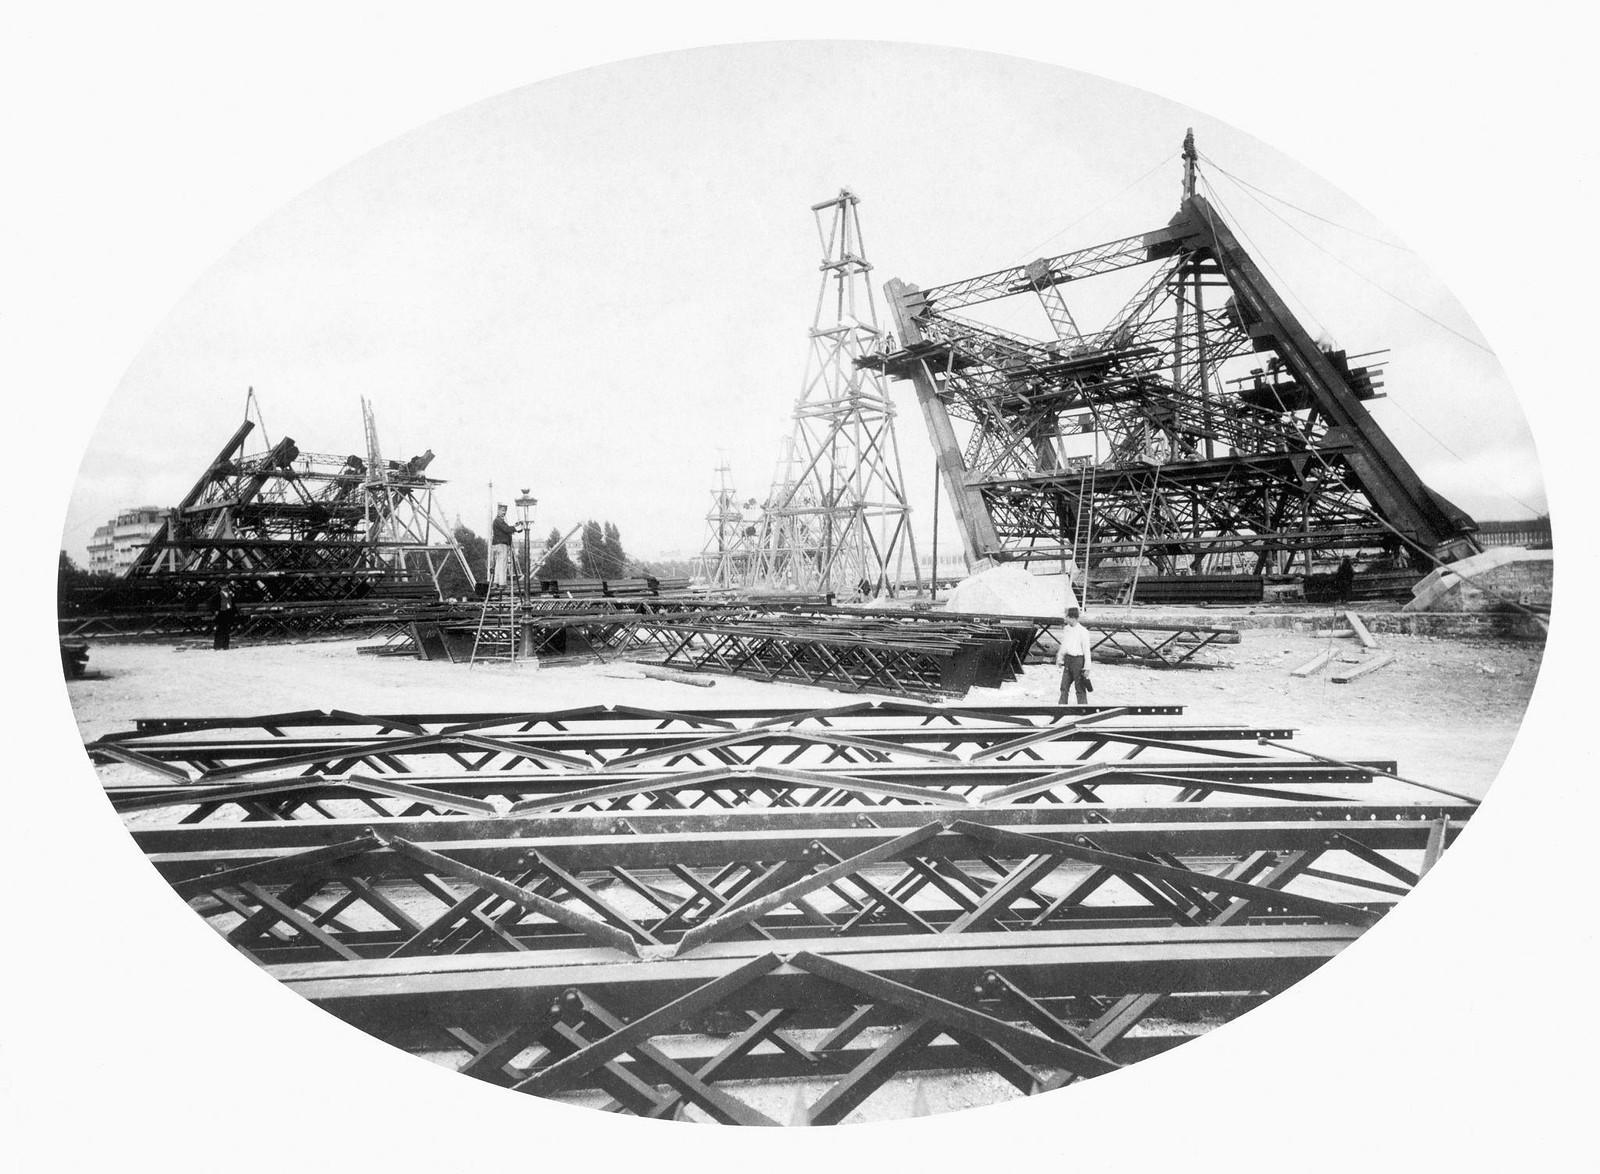 08. 1887. Строители собирают стальные балки Эйфелевой башни, одна из опор башни поддерживается деревянными лесами